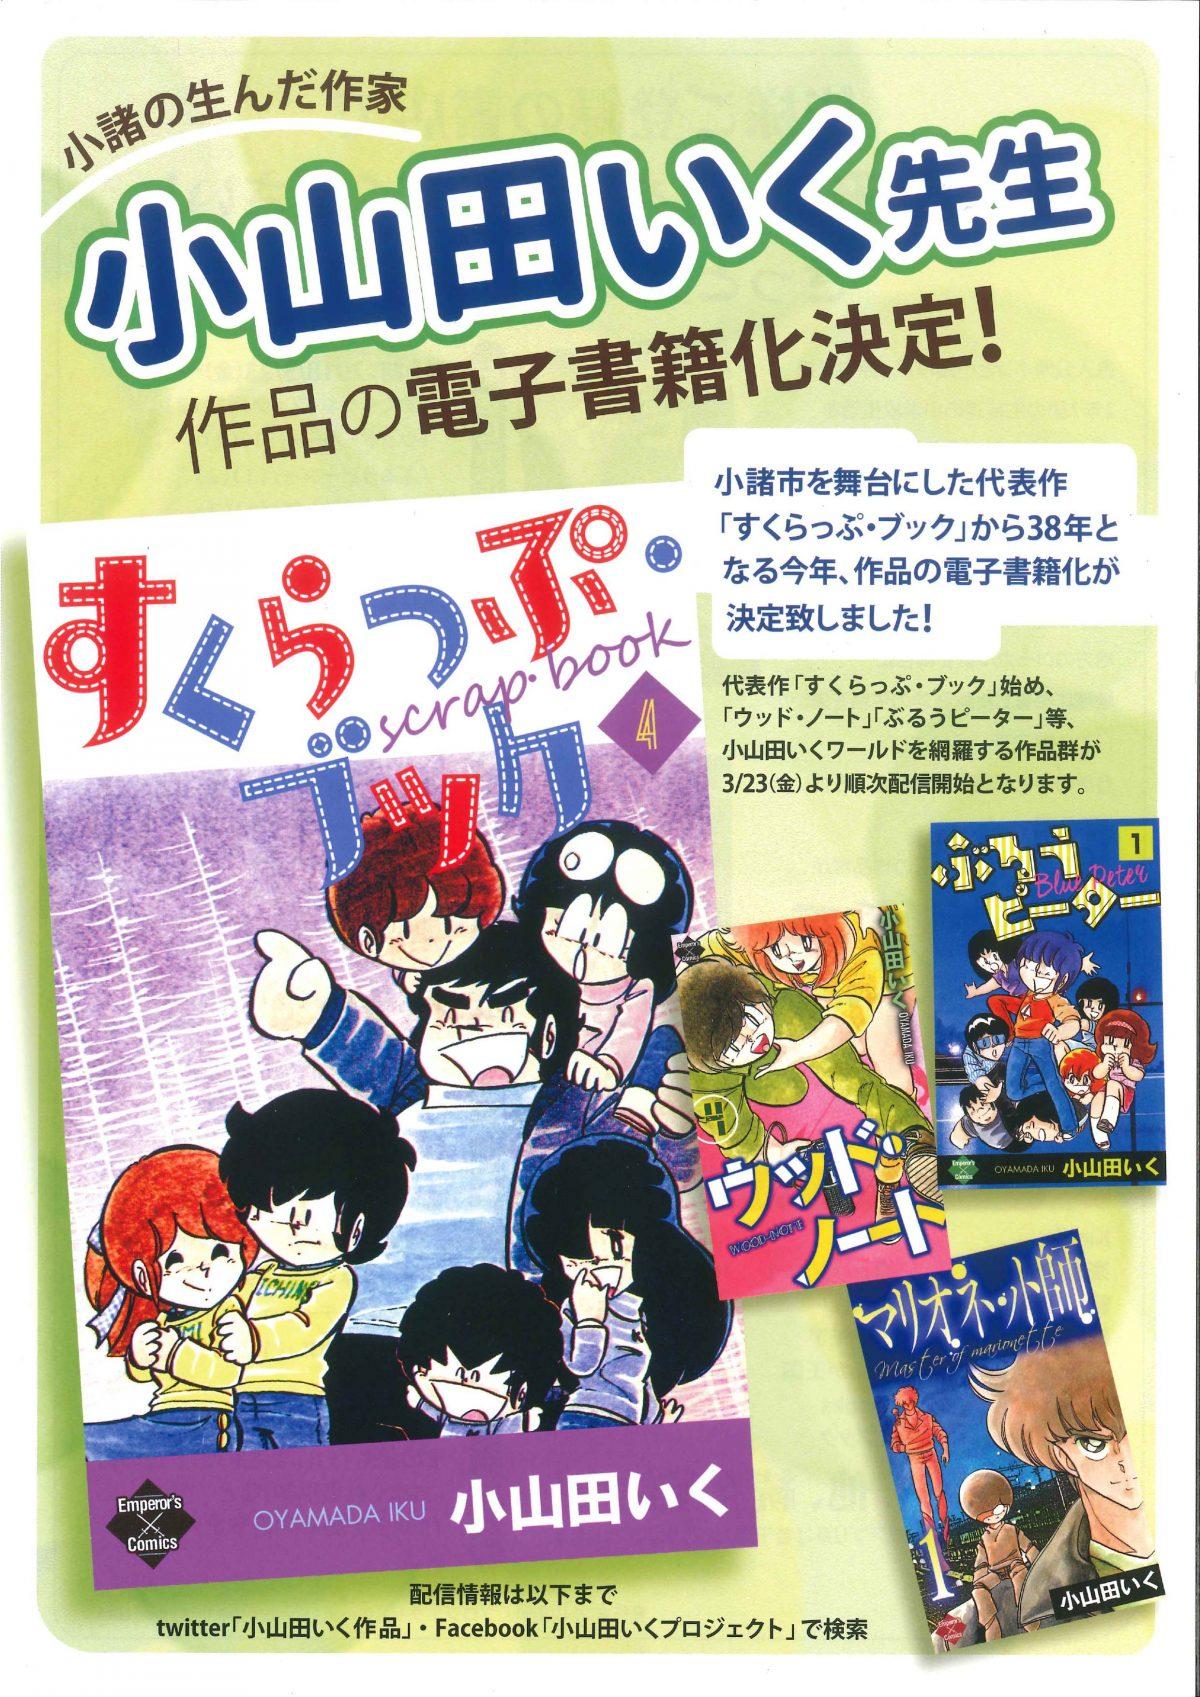 南原明美先生からチラシが届きました!「小山田いく先生 作品の電子書籍化決定!」